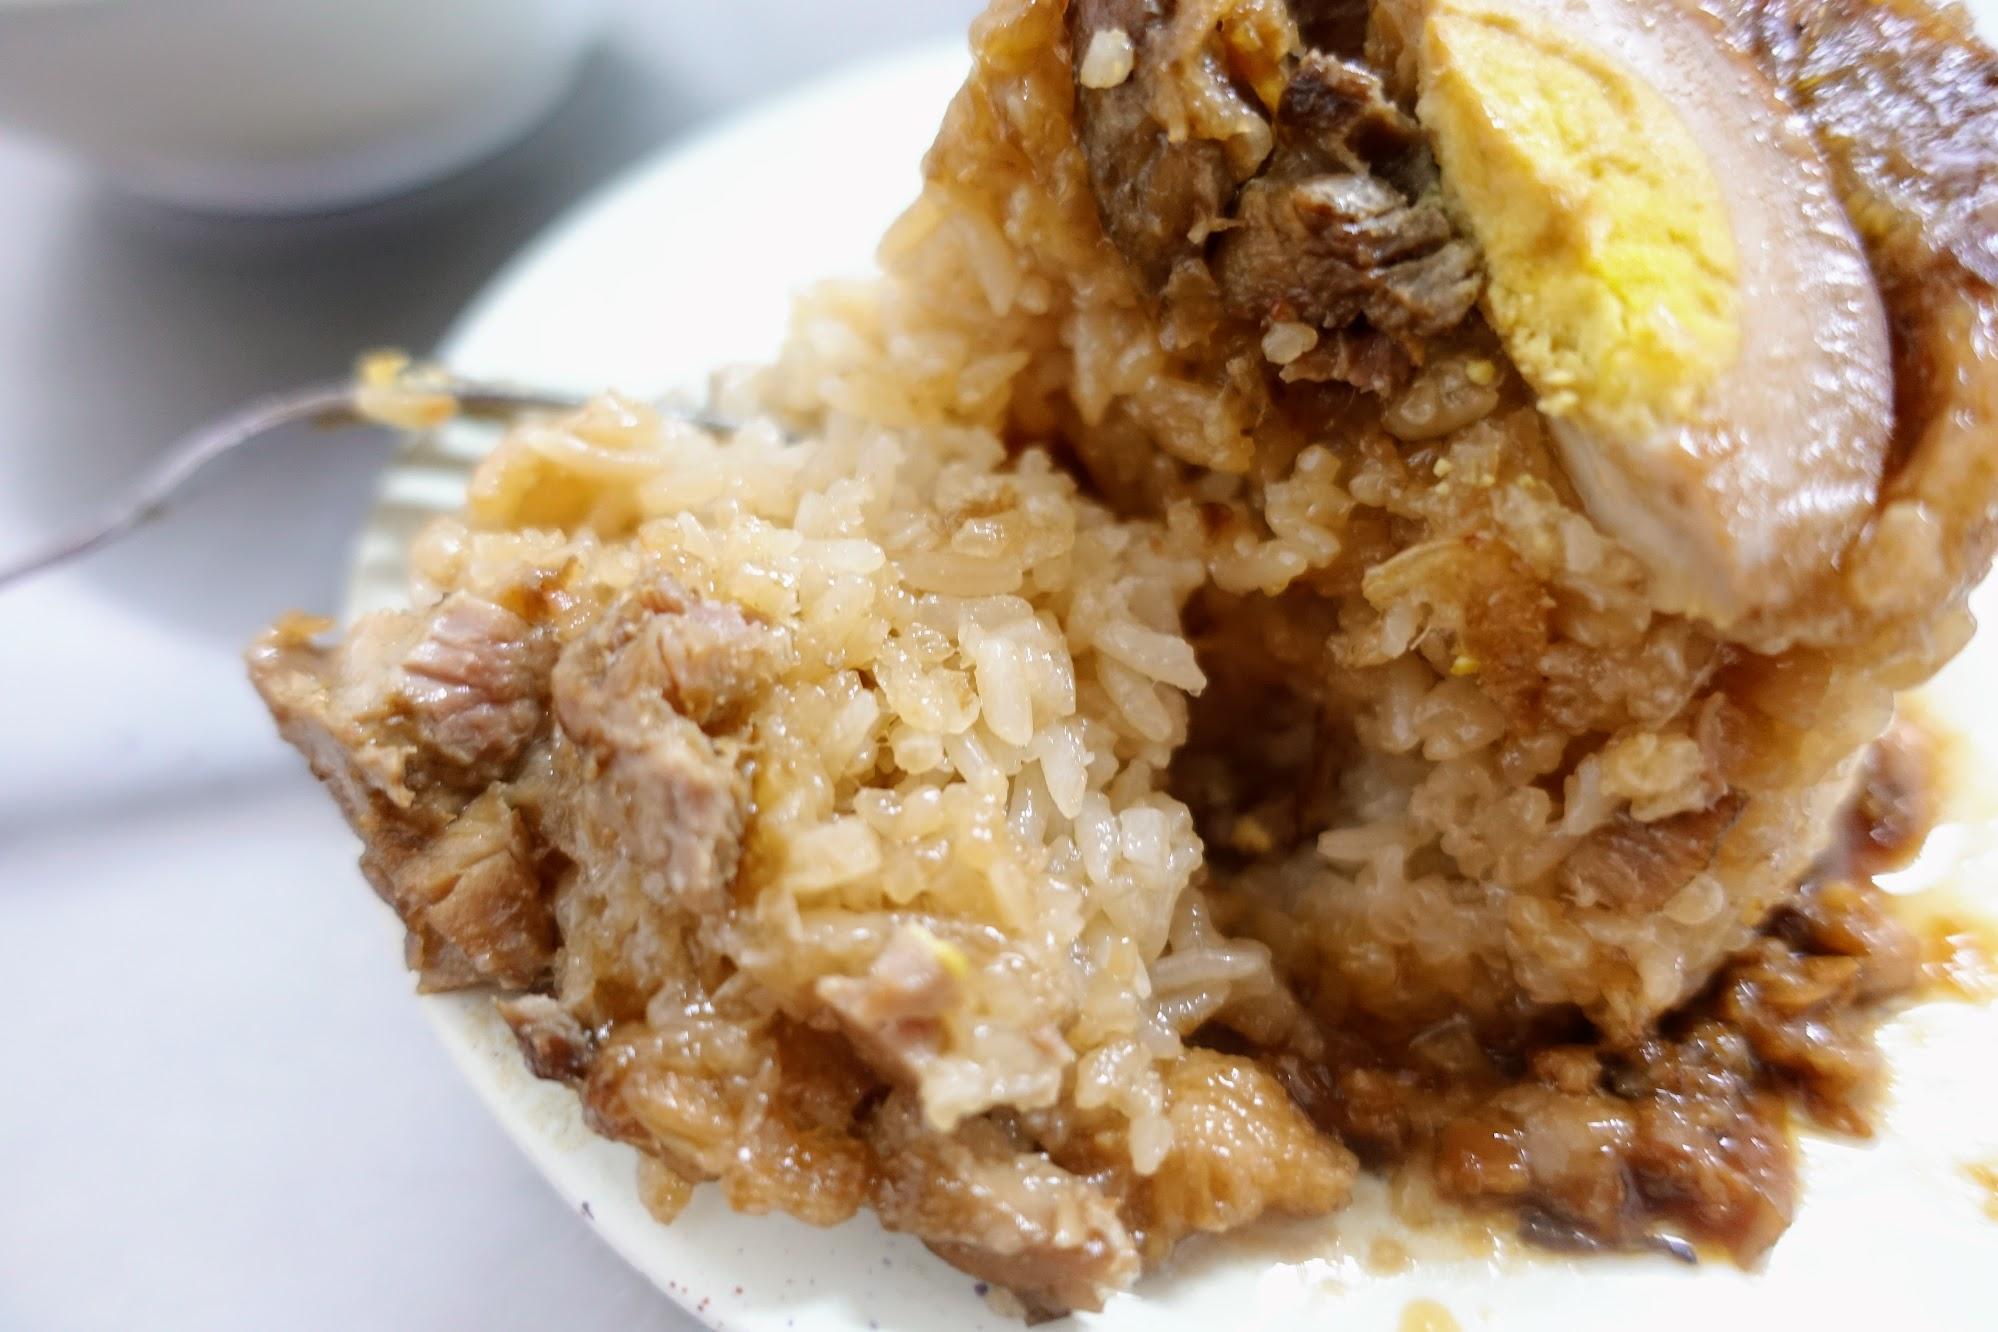 米粒是有一些調味,不會白白的沒味道,但如果重口味的人,可以另外加醬汁去提味喔!